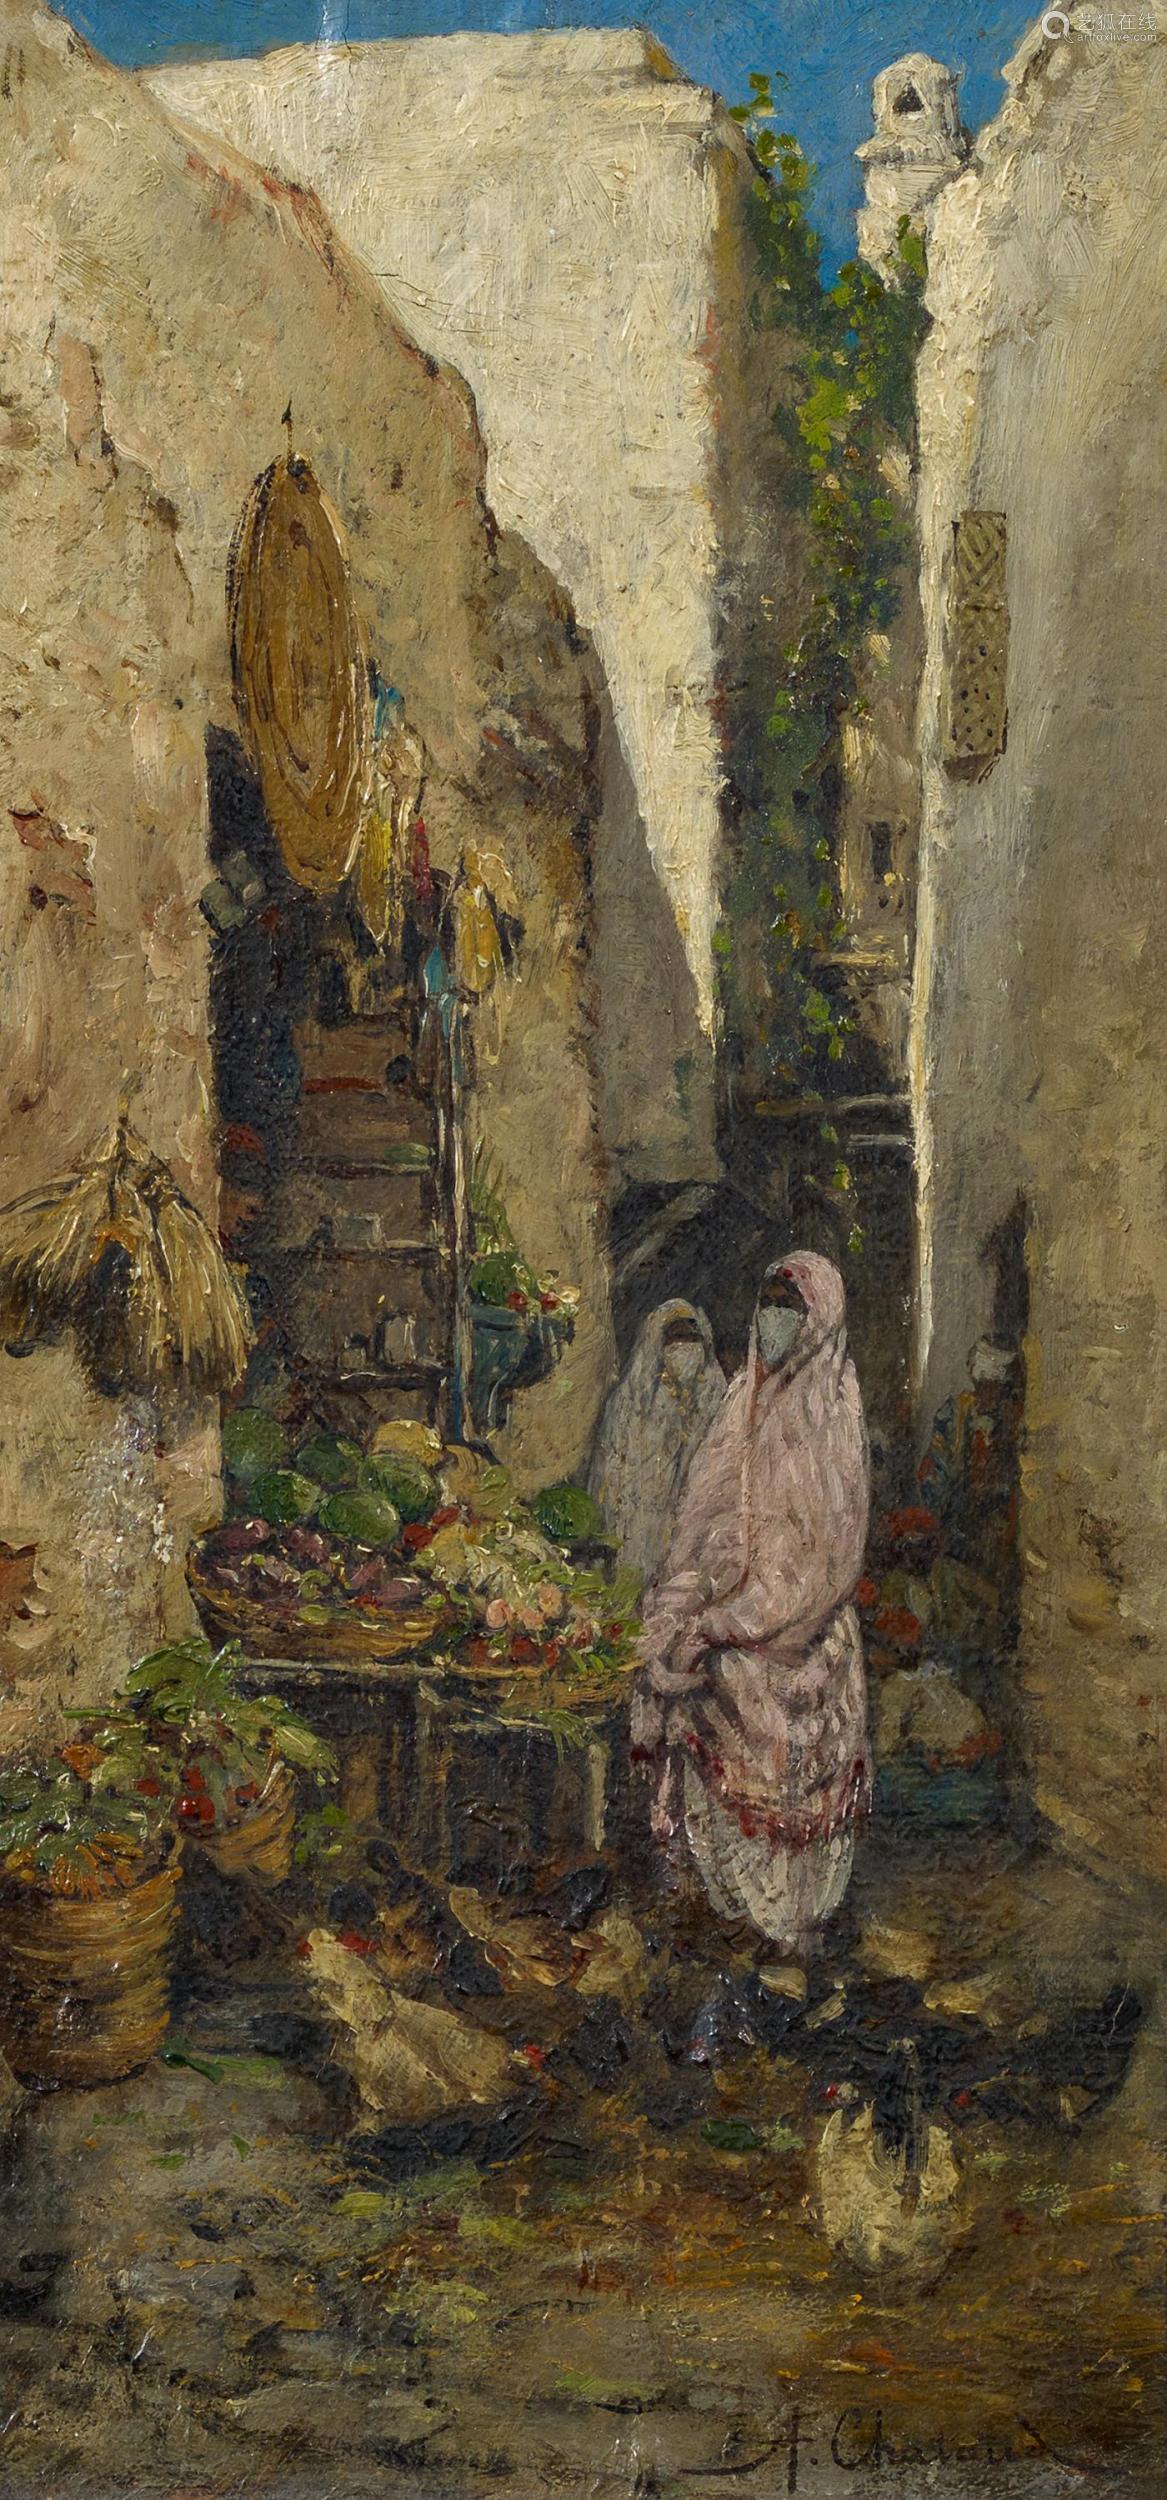 Chataud, Marc Alfred1833 Marseille - 1908 AlgierNordafrikanischer Gemüsemarkt. Öl auf Leinwand.